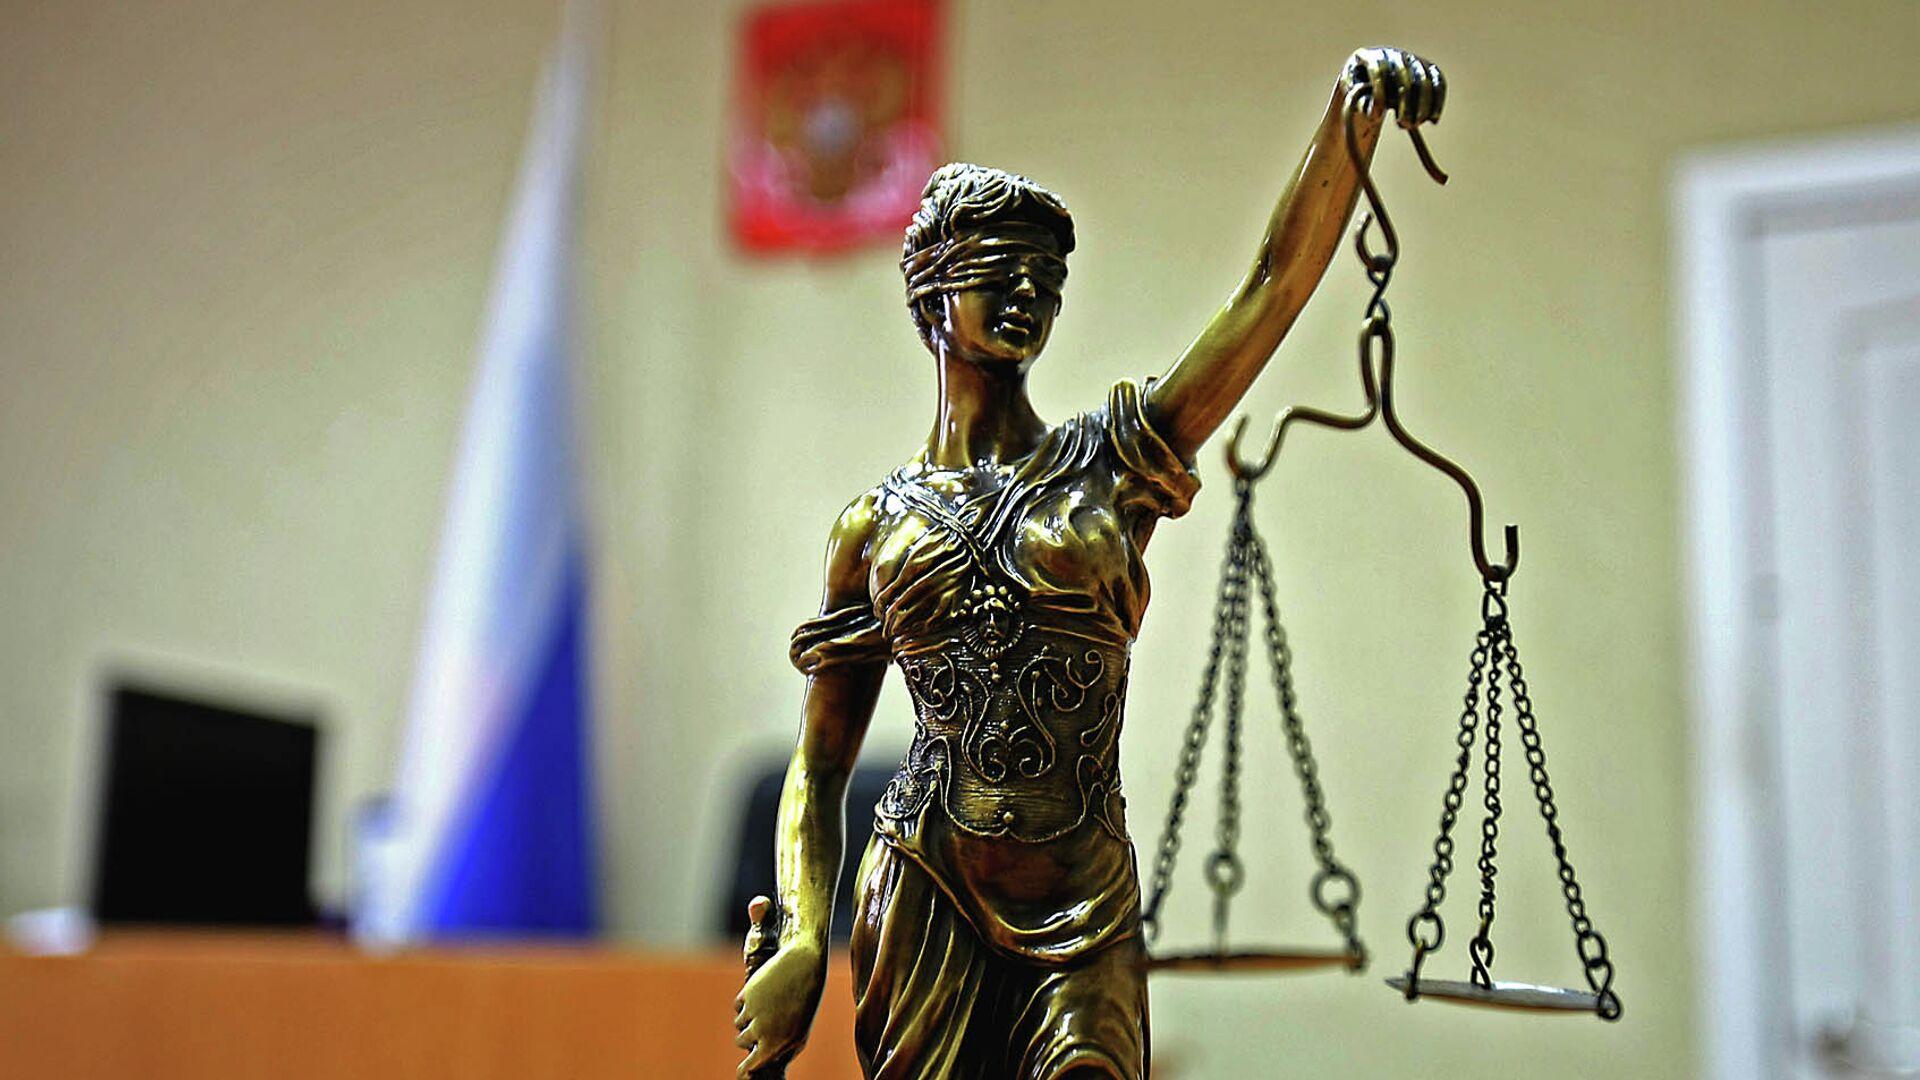 Статуэтка богини правосудия Фемиды в зале суда  - РИА Новости, 1920, 14.01.2021